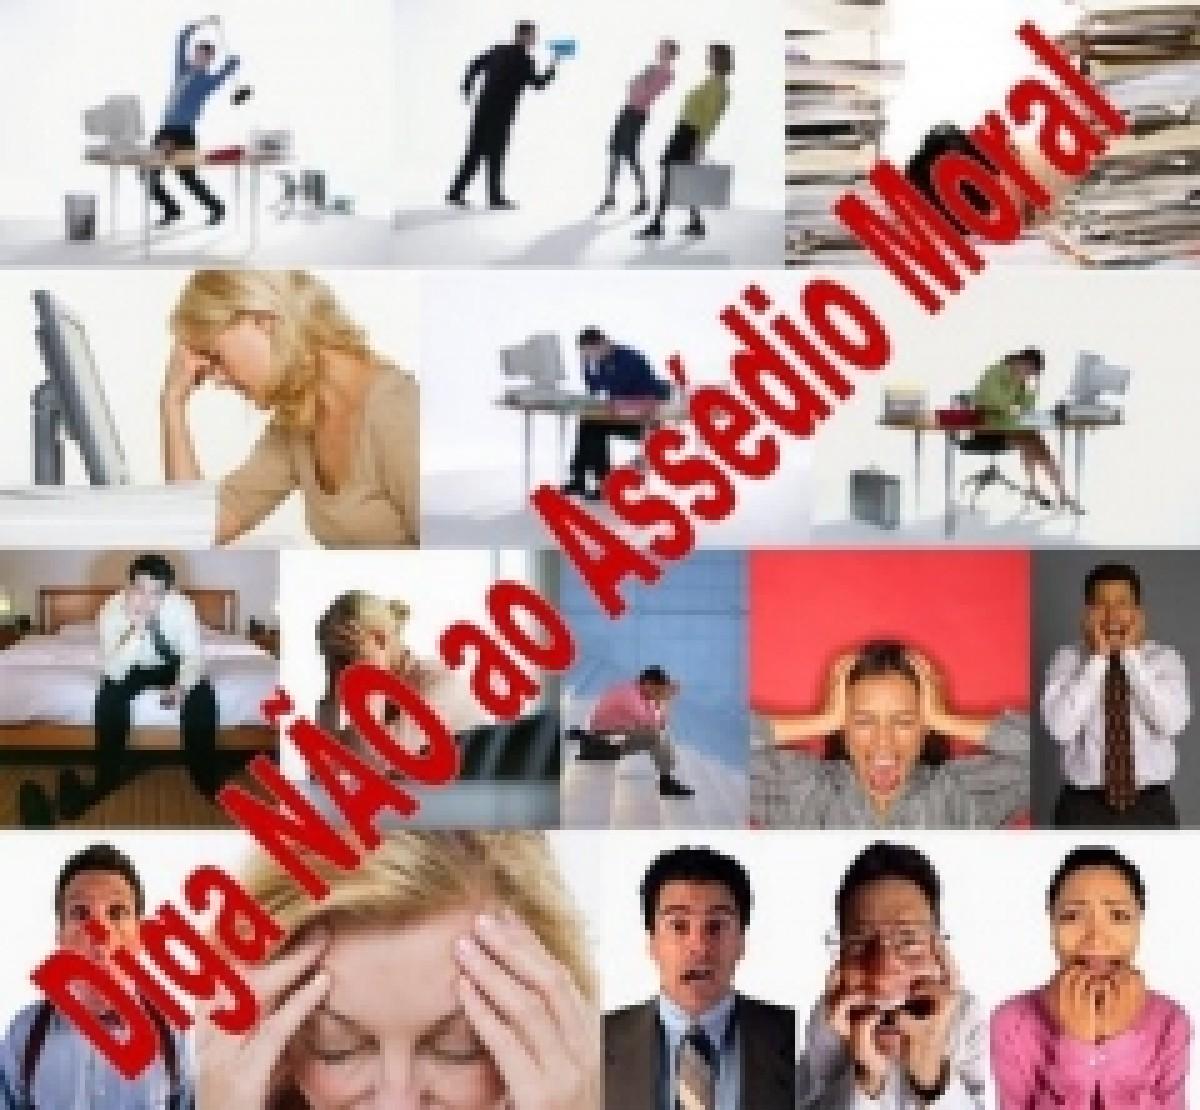 Assédio Moral: Frases discriminatórias utilizadas pelo agressor